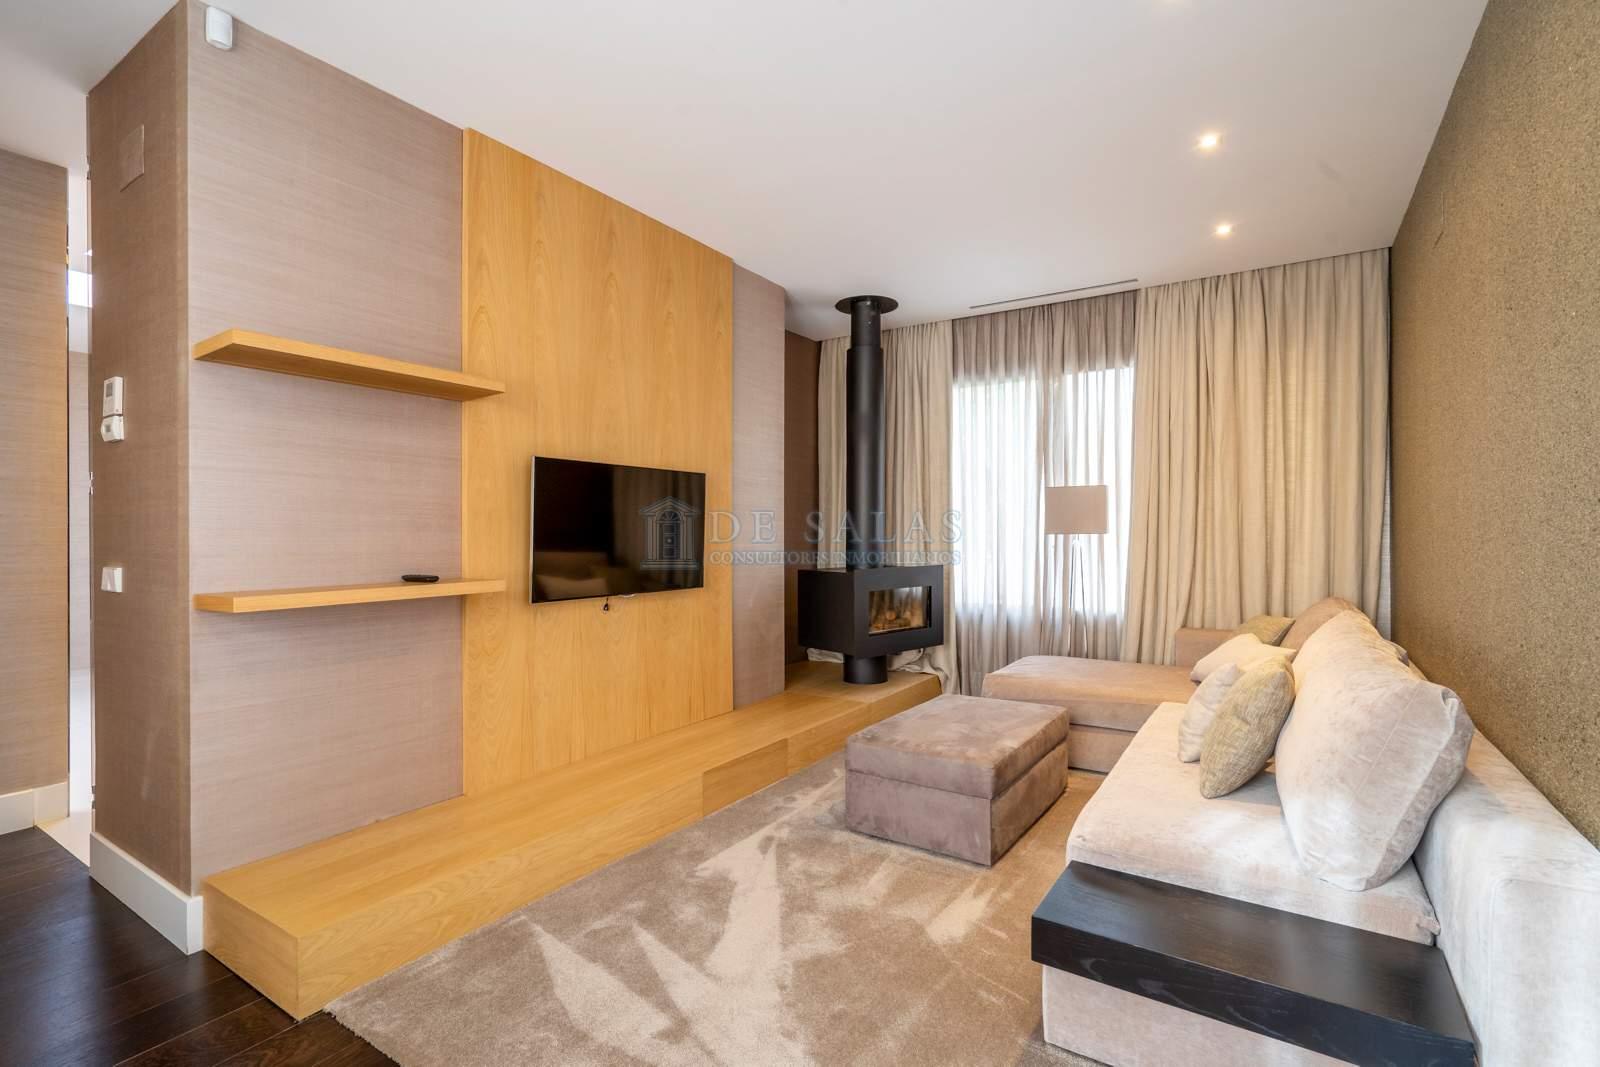 Dormitorio-21 Maison La Moraleja